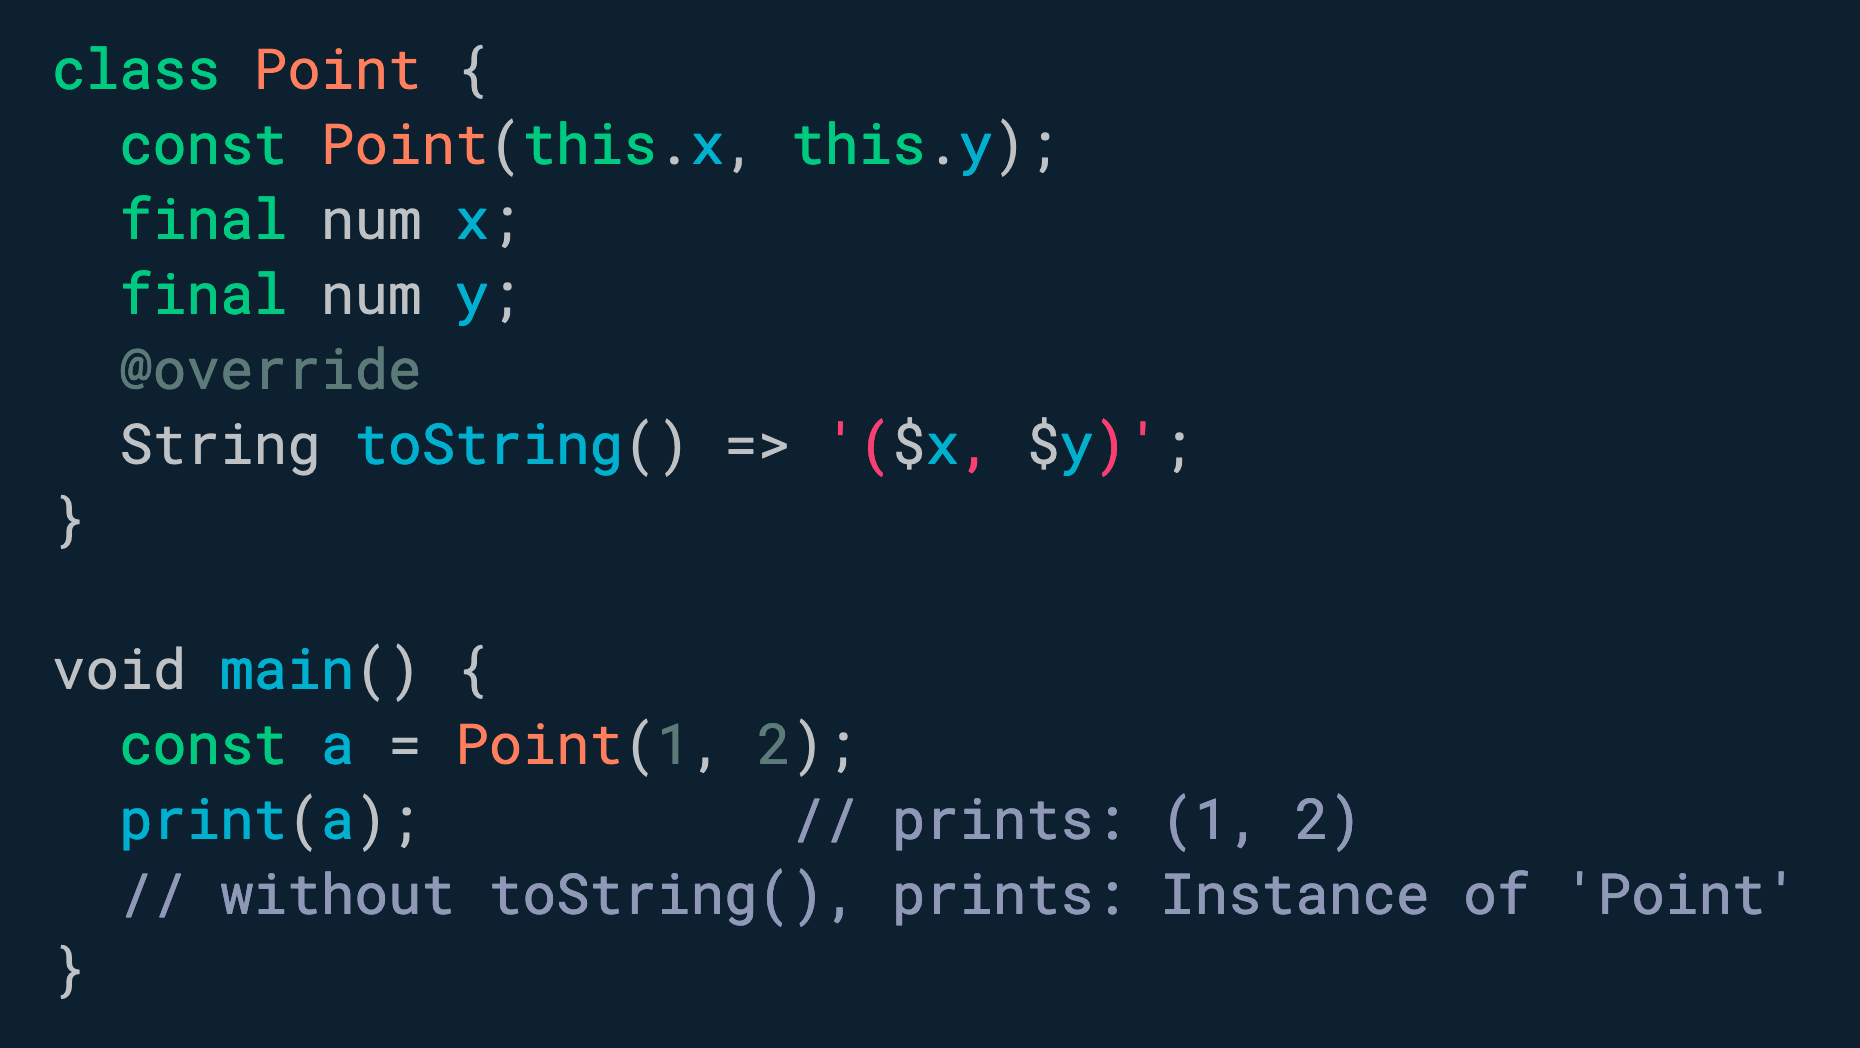 在您的类中实现 <!-- raw HTML omitted -->toString()<!-- raw HTML omitted --> 以改善调试体验。